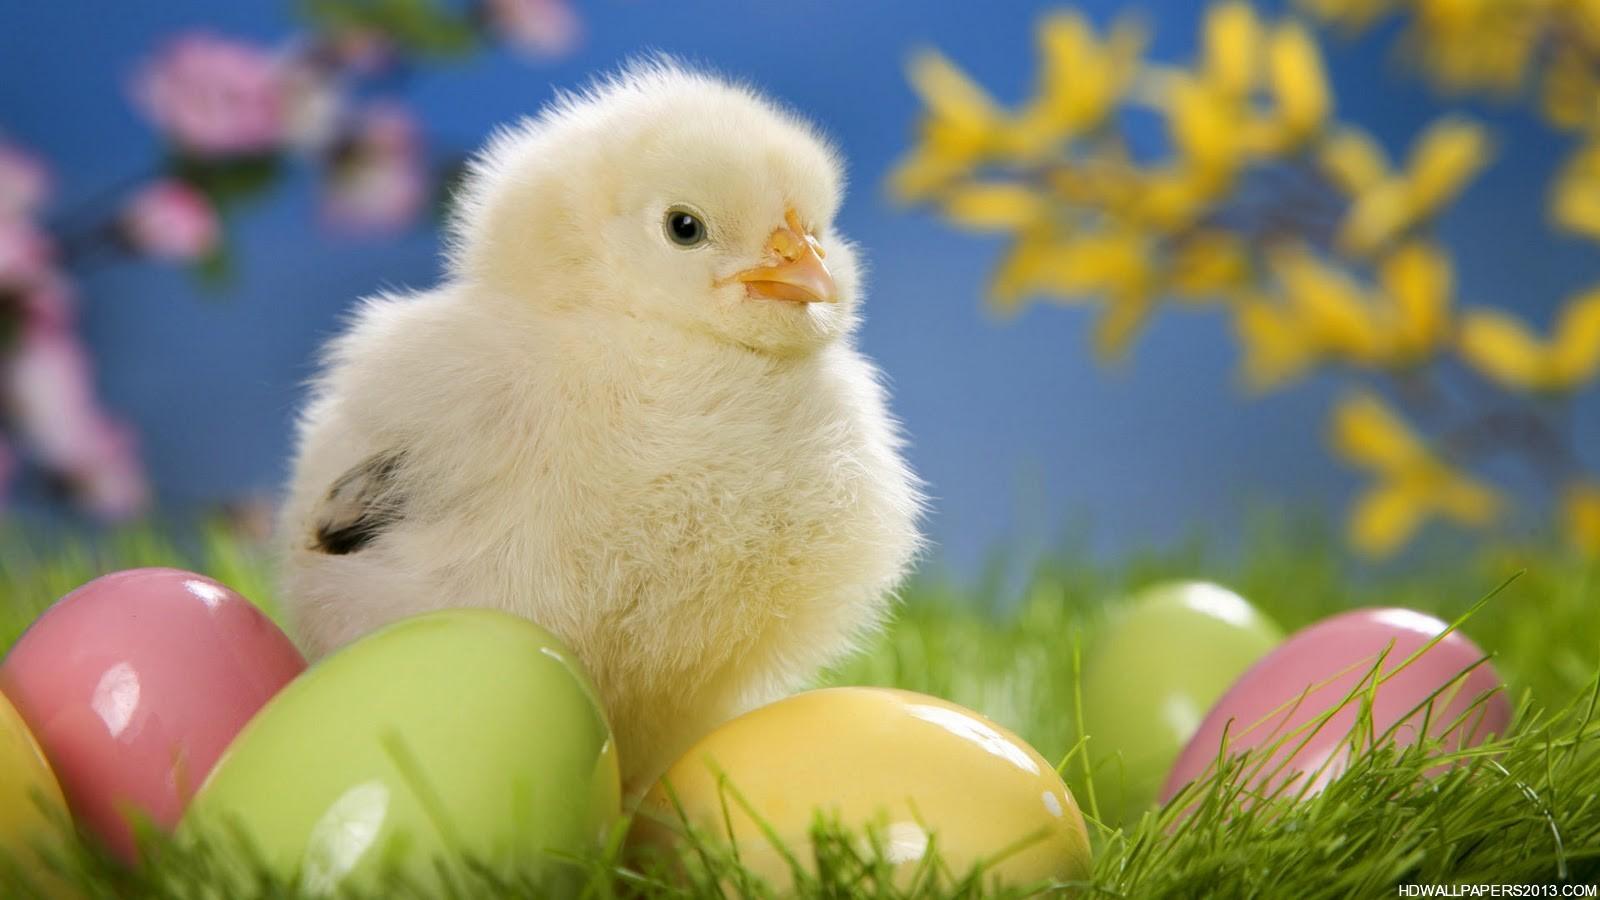 Free Easter Desktop Backgrounds Animal